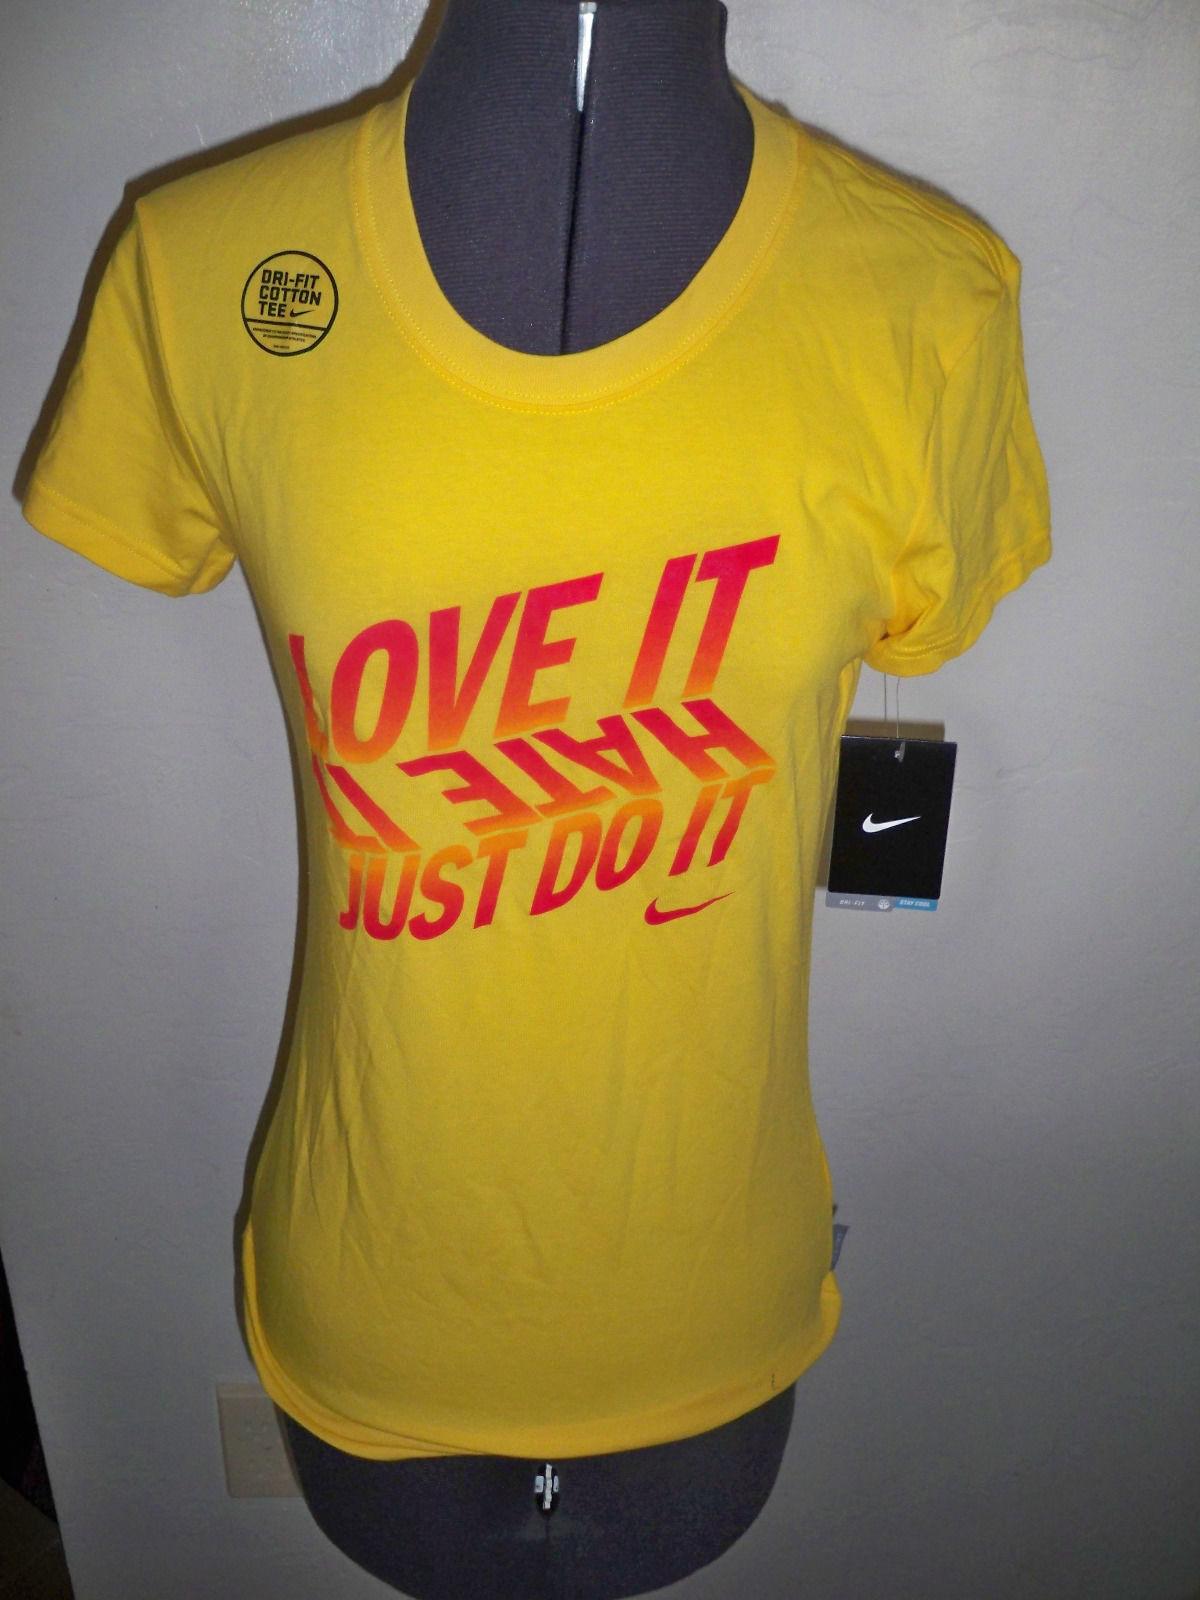 Womens Nike Love It Hate It Just Do It Dri Fit Tee T Shirt